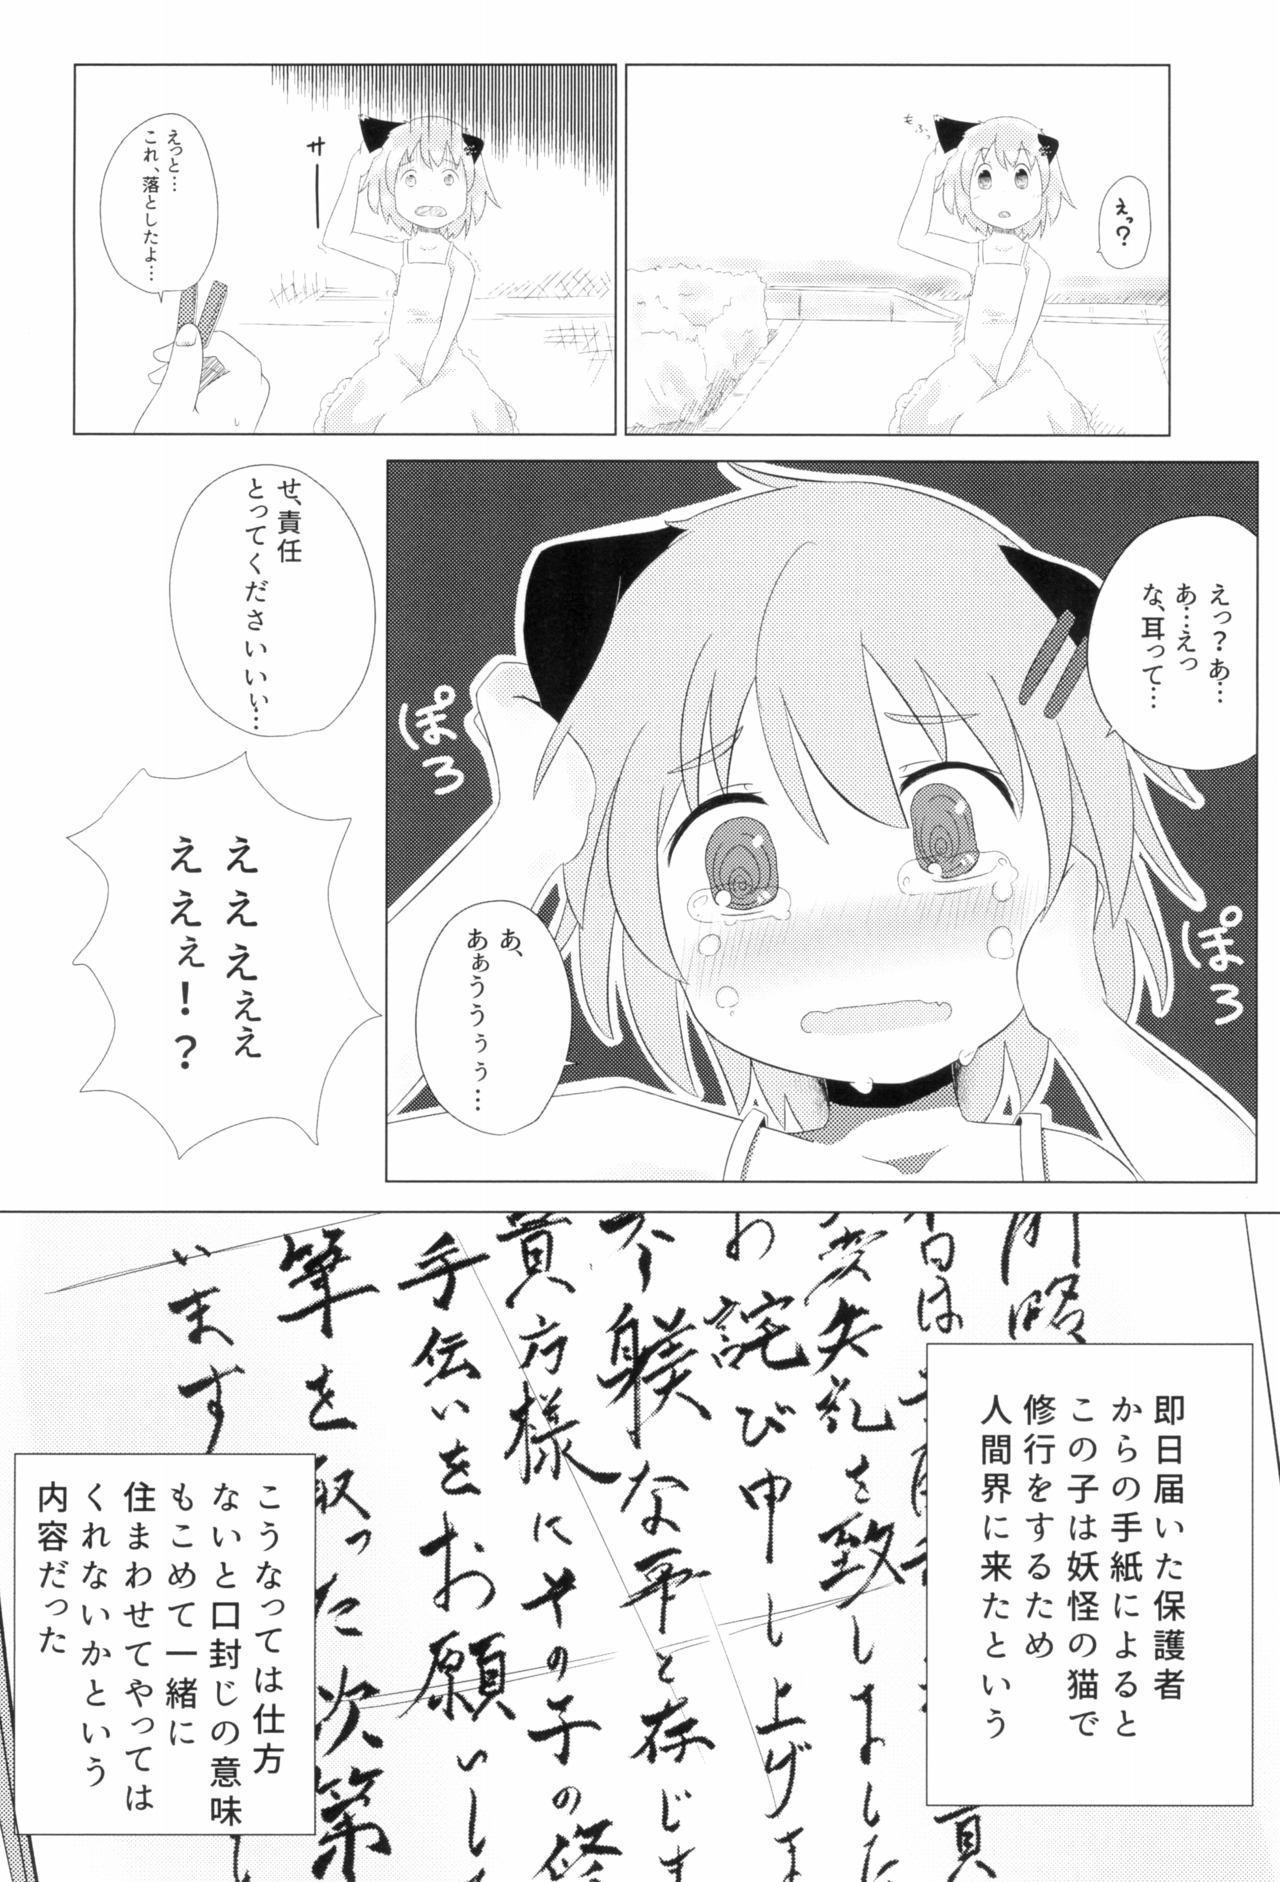 Koneko no Yomeiri 5